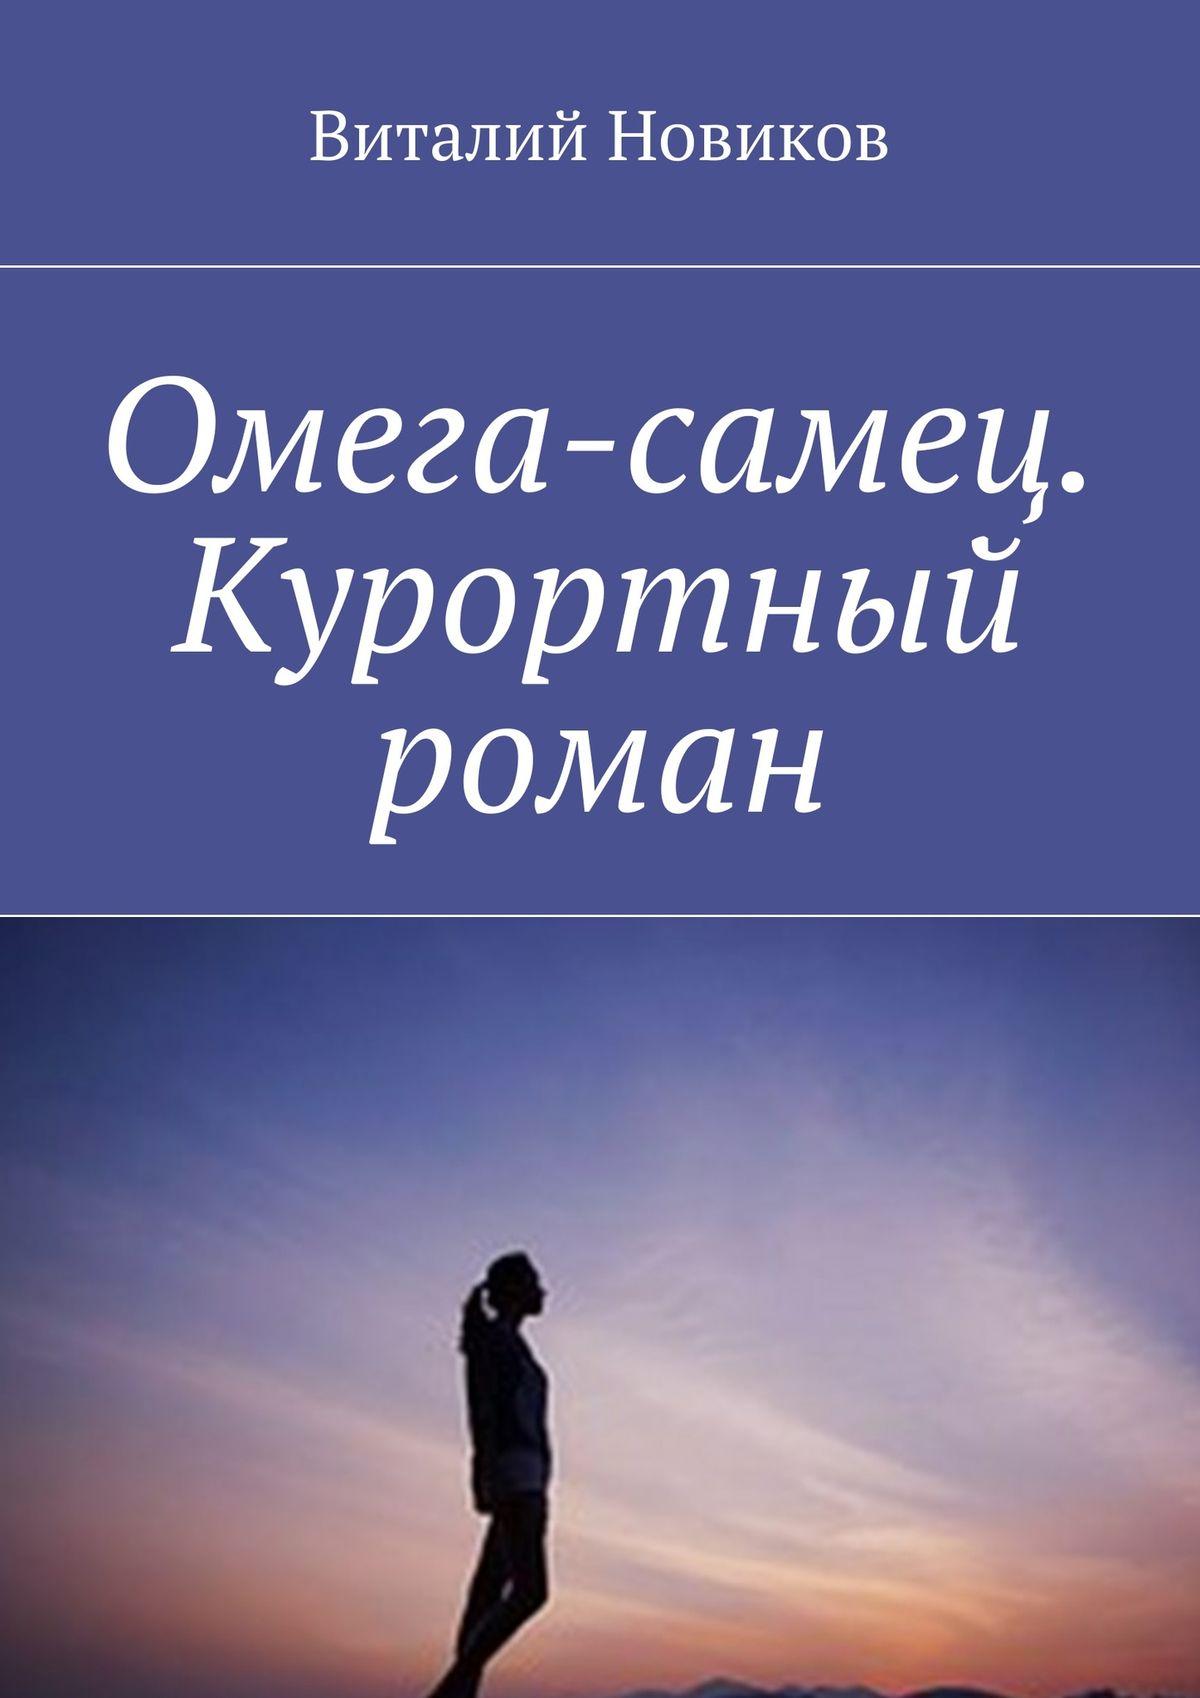 Виталий Новиков Омега-самец. Курортный роман виталий новиков тёмное вино